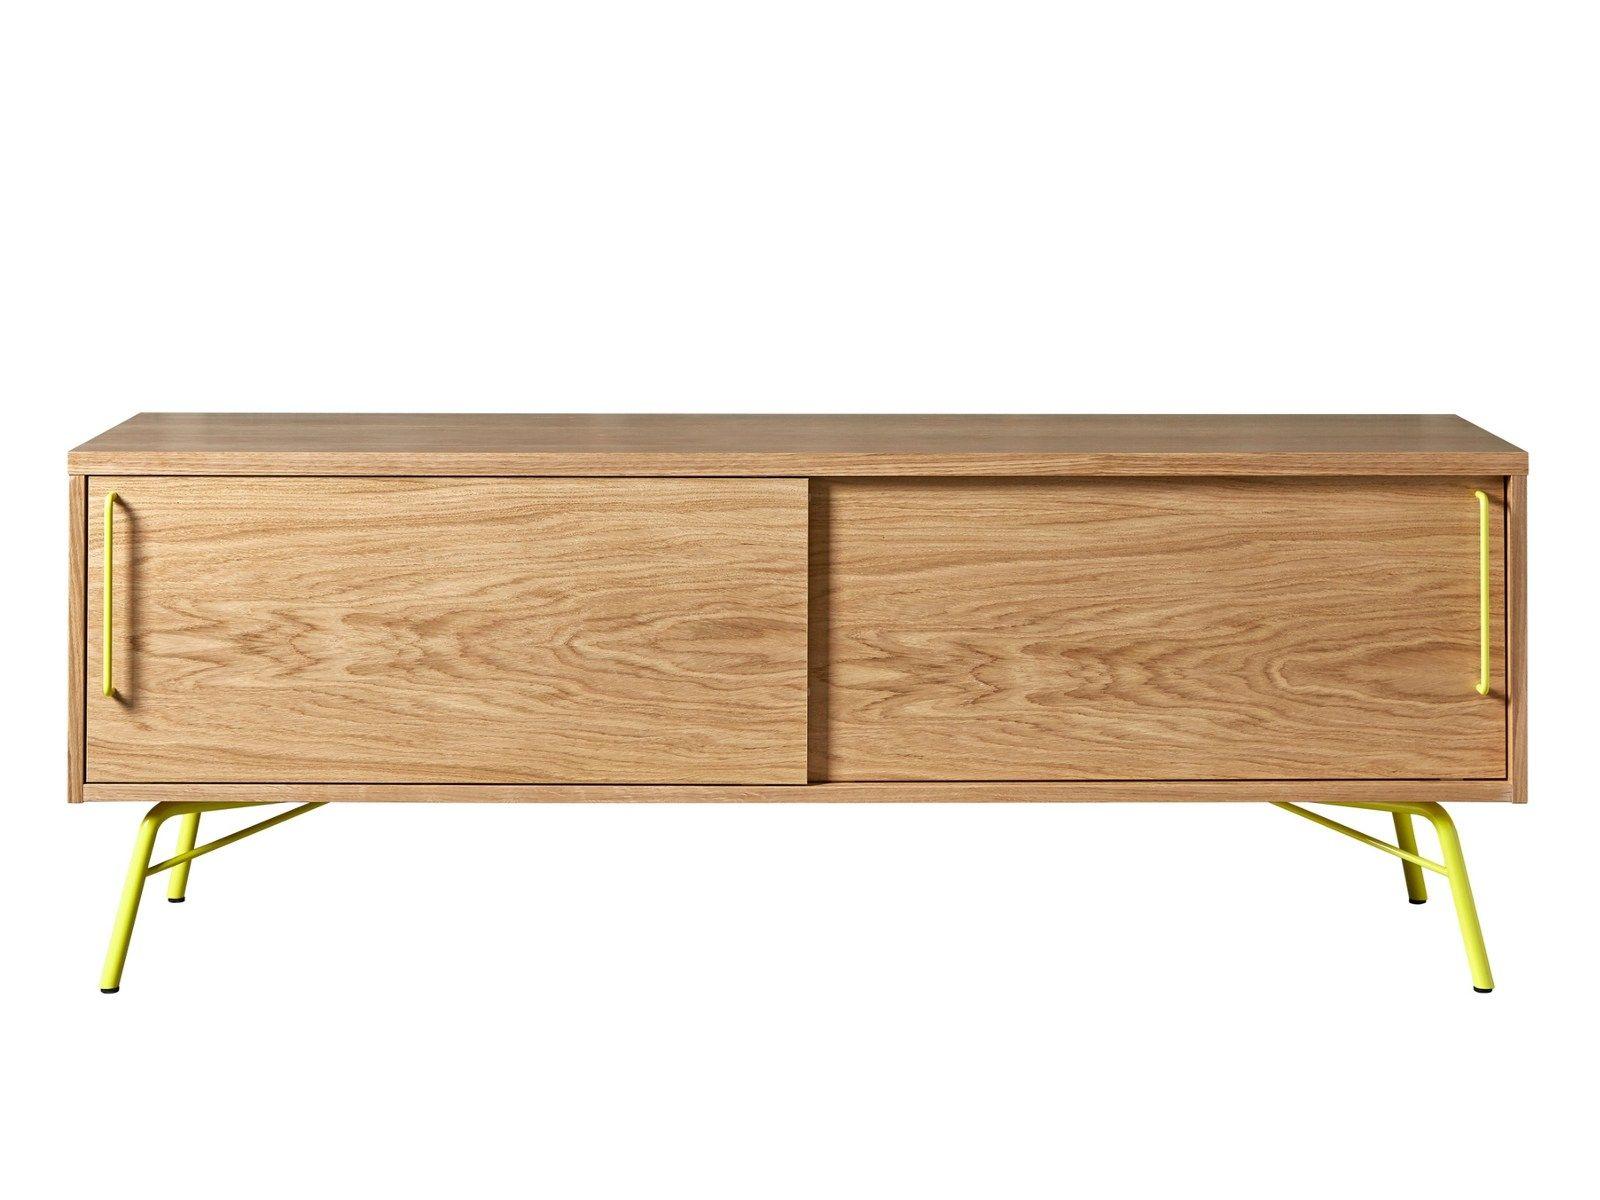 Muebles Woodman - Mueble Tv Aparador De Madera Ashburn Woodman Furniture [mjhdah]https://s-media-cache-ak0.pinimg.com/originals/47/e5/12/47e512908e9f3c16e766c7e4232a3948.jpg